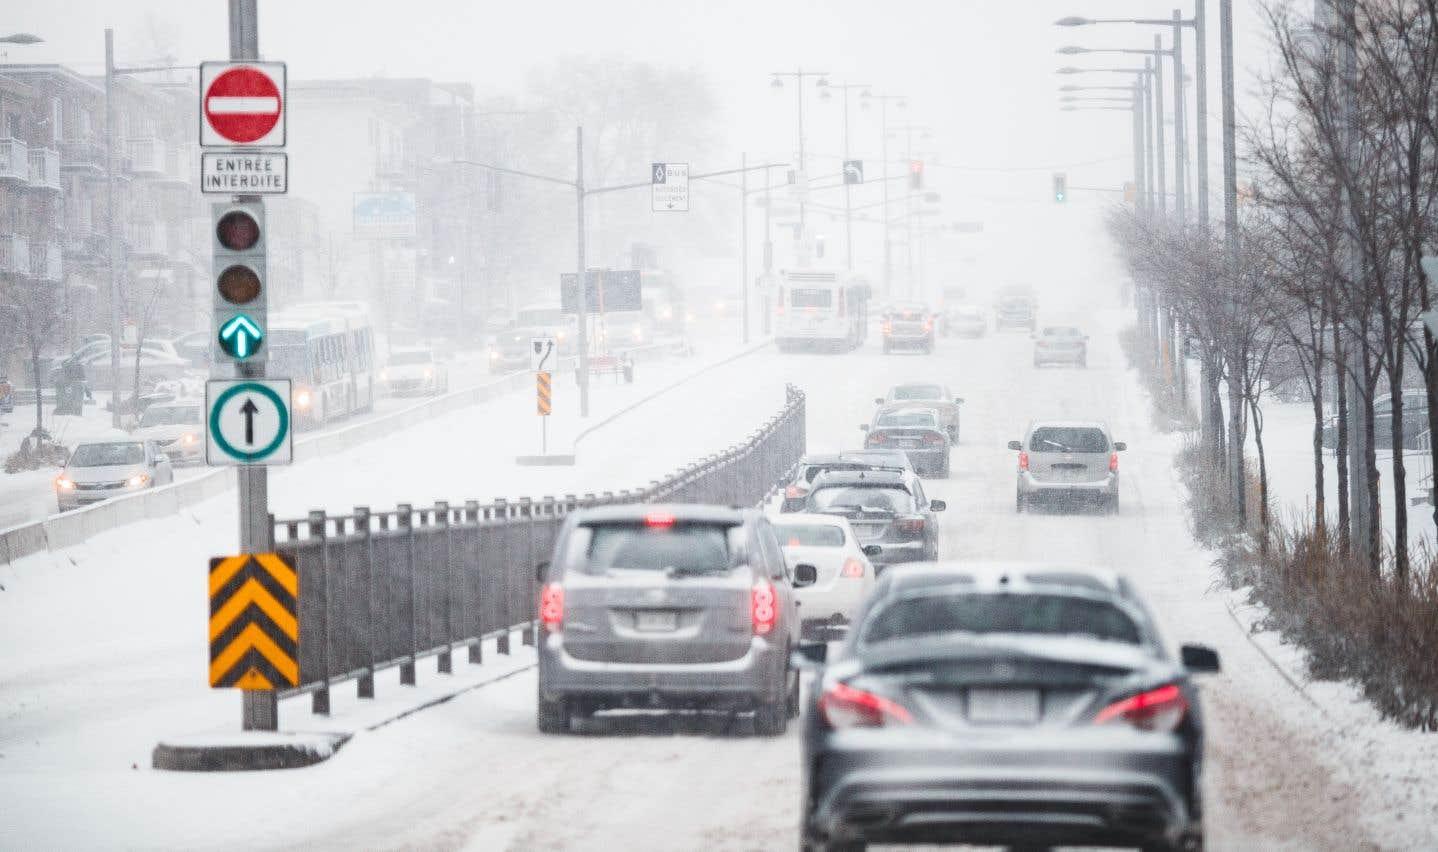 À Montréal, près de 10 centimètres de neige sont attendus, parfois mêlés à de la pluie verglaçante.